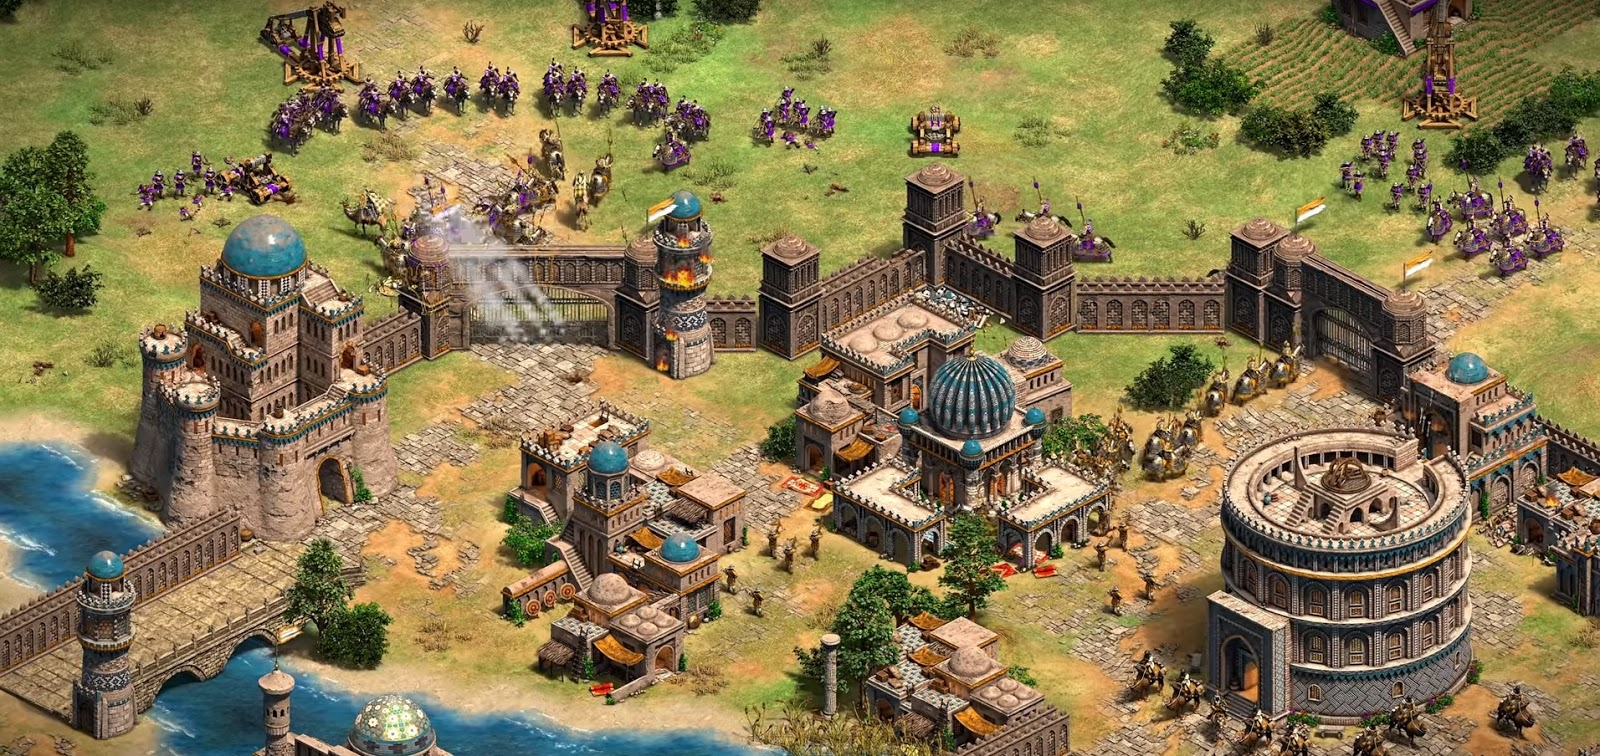 أفضل 10 ألعاب استراتيجية للحاسوب